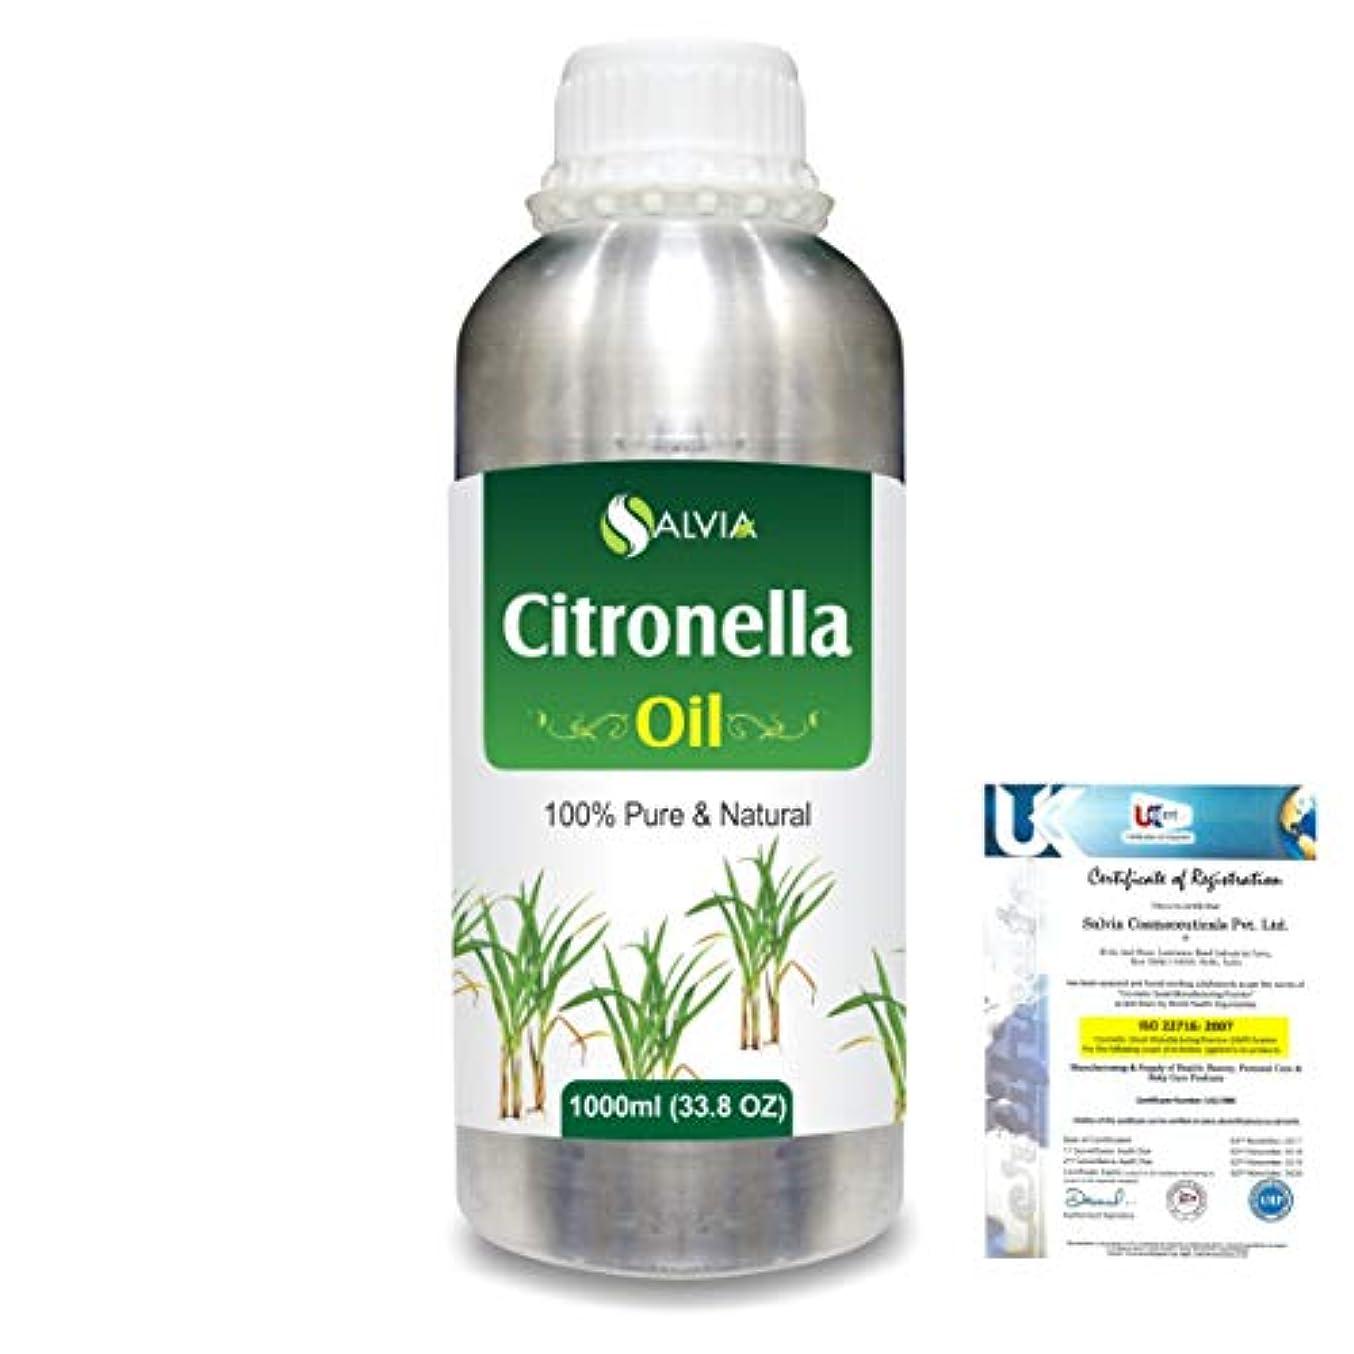 紳士よろしく懇願するCitronella (Cymbopogon nardus) 100% Natural Pure Essential Oil 1000ml/33.8fl.oz.